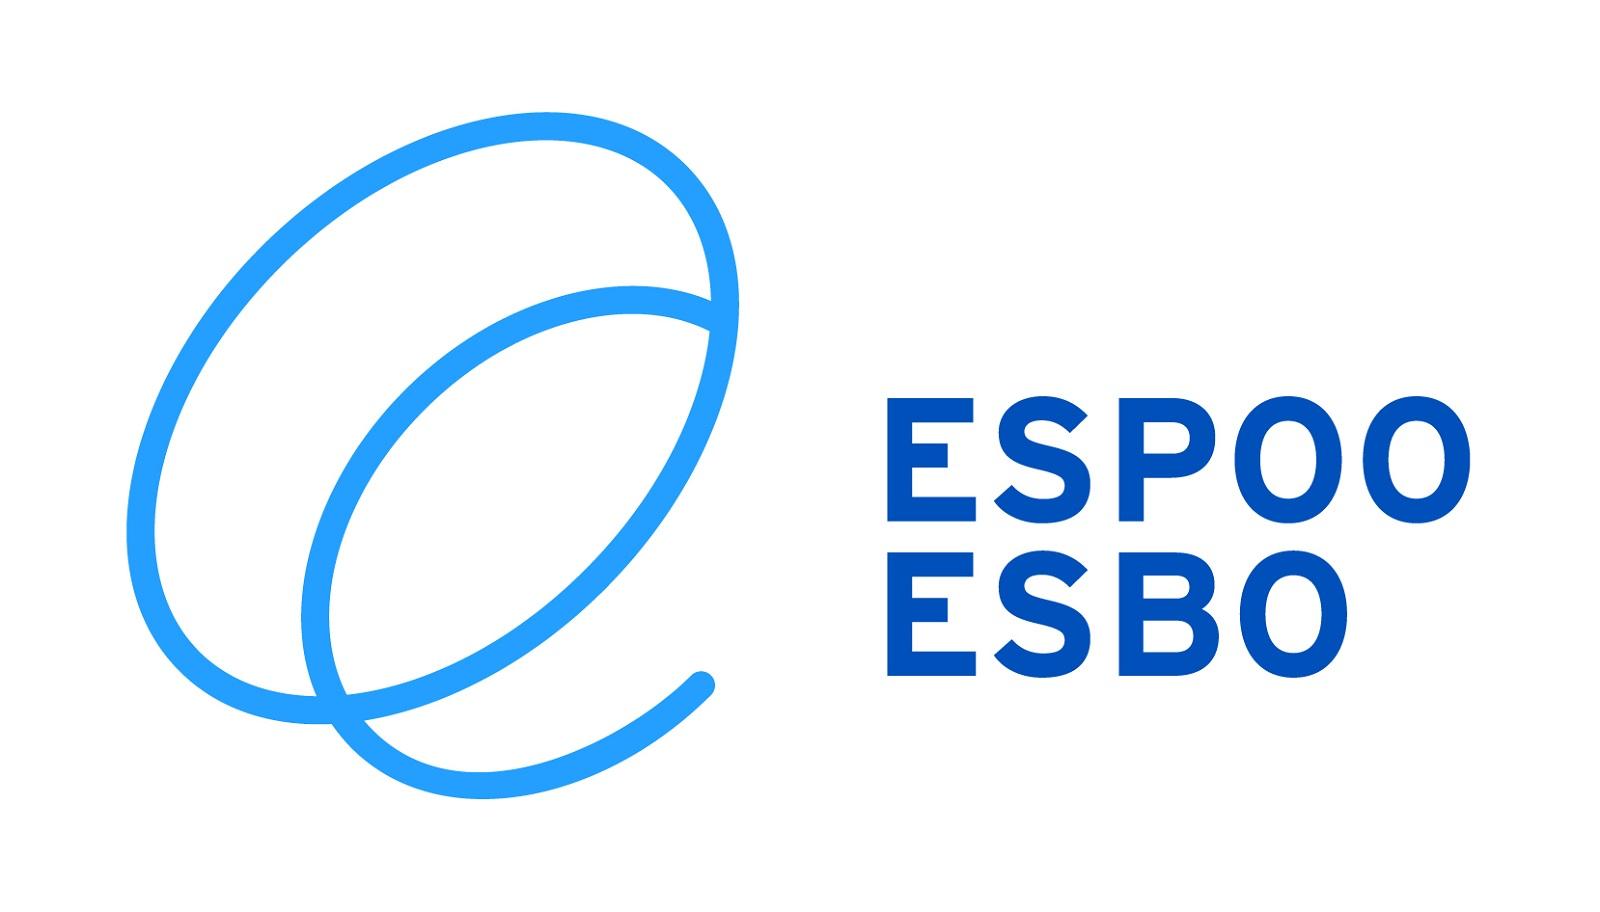 Espoon Kaupunkitekniikan keskus / Espoon kaupunki